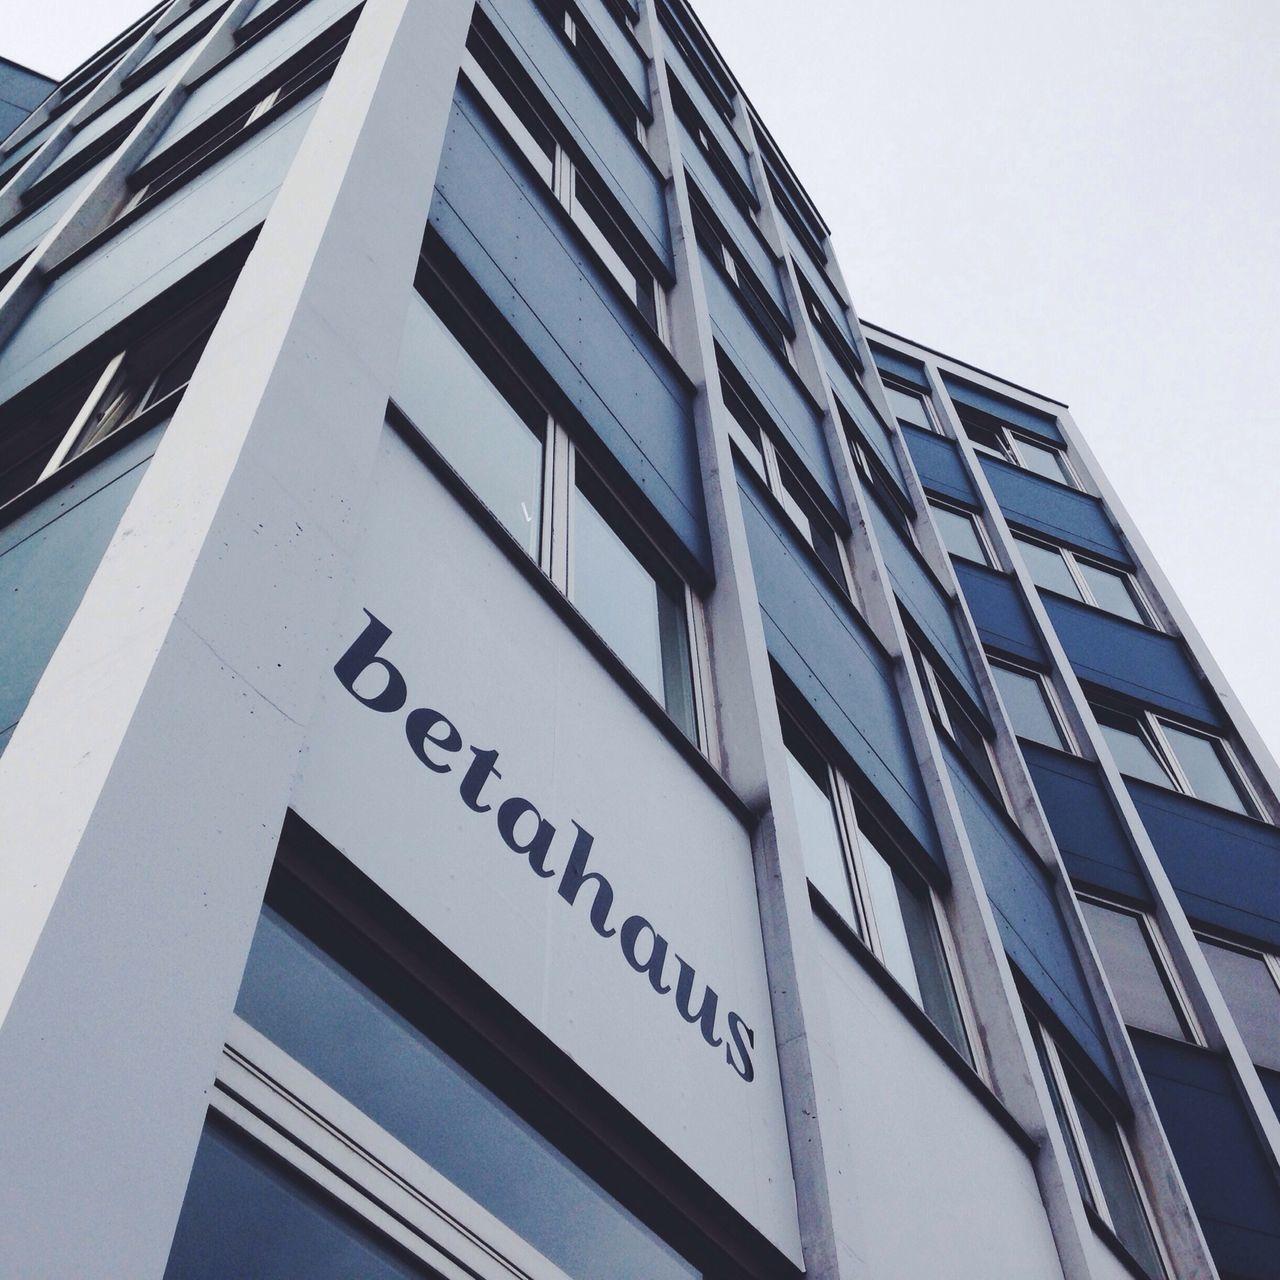 Startup Betahaus